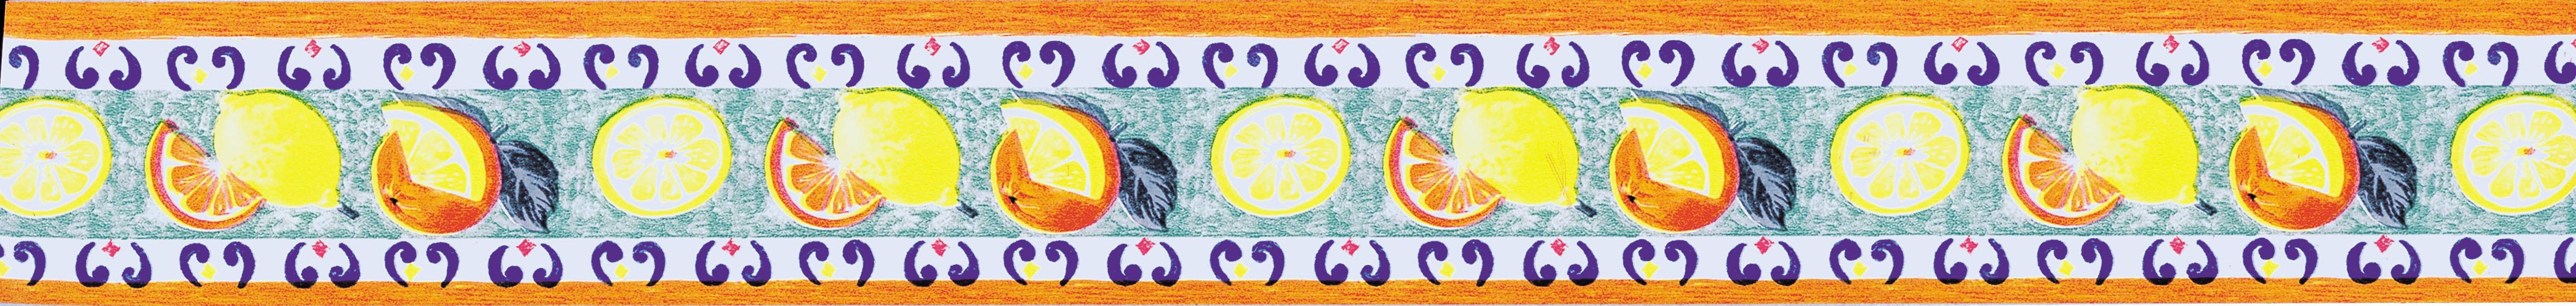 12 RT Di BORDO ADESIVO ART.273-1000 H.5,3  CM.X10MT.